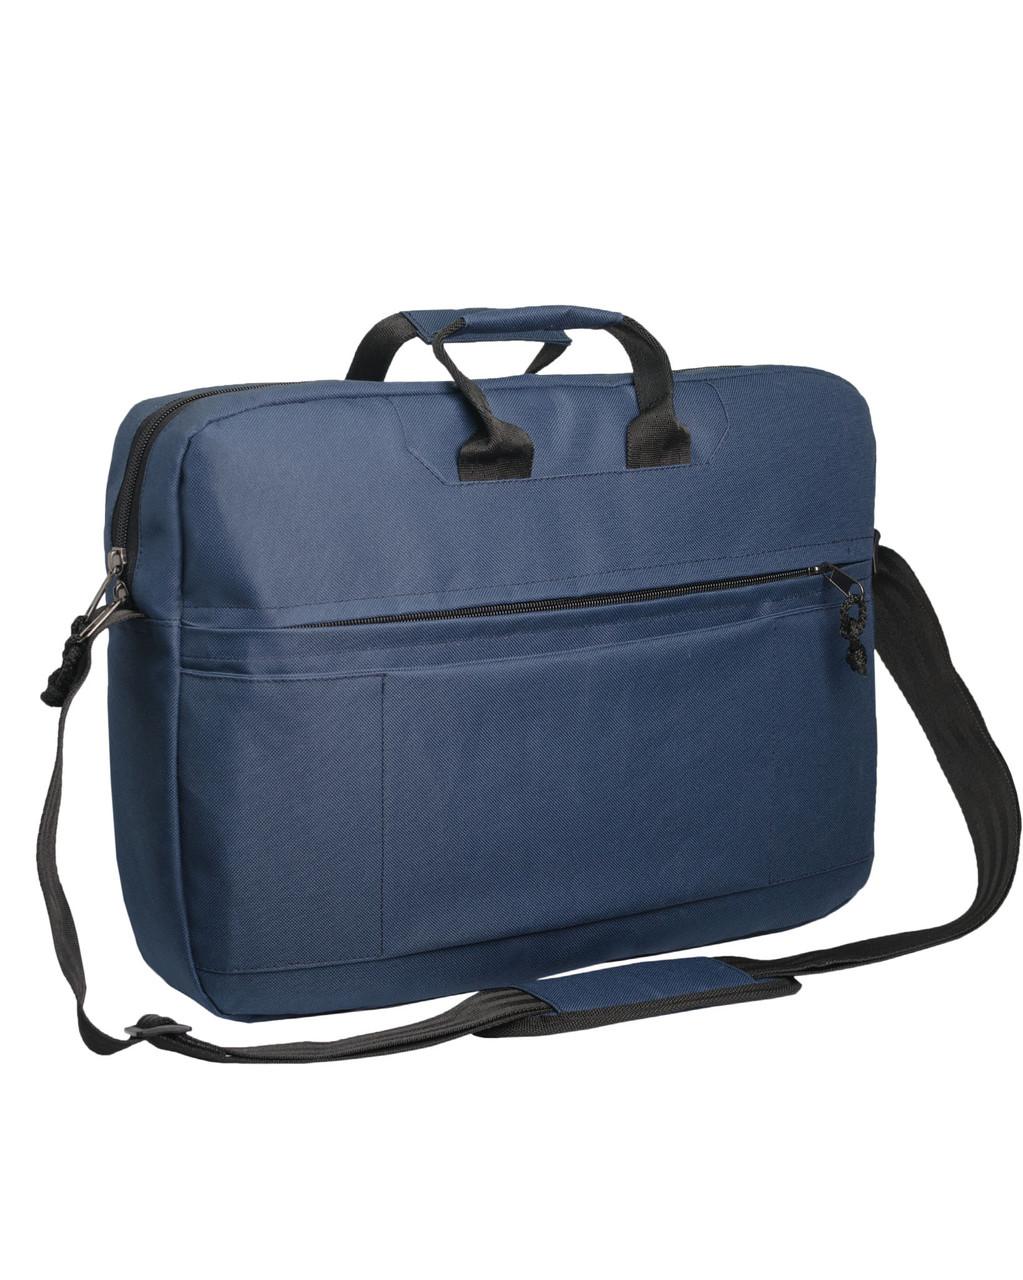 Сумка для ноутбука Surikat темно-синяя (мужская сумка, женская сумка,